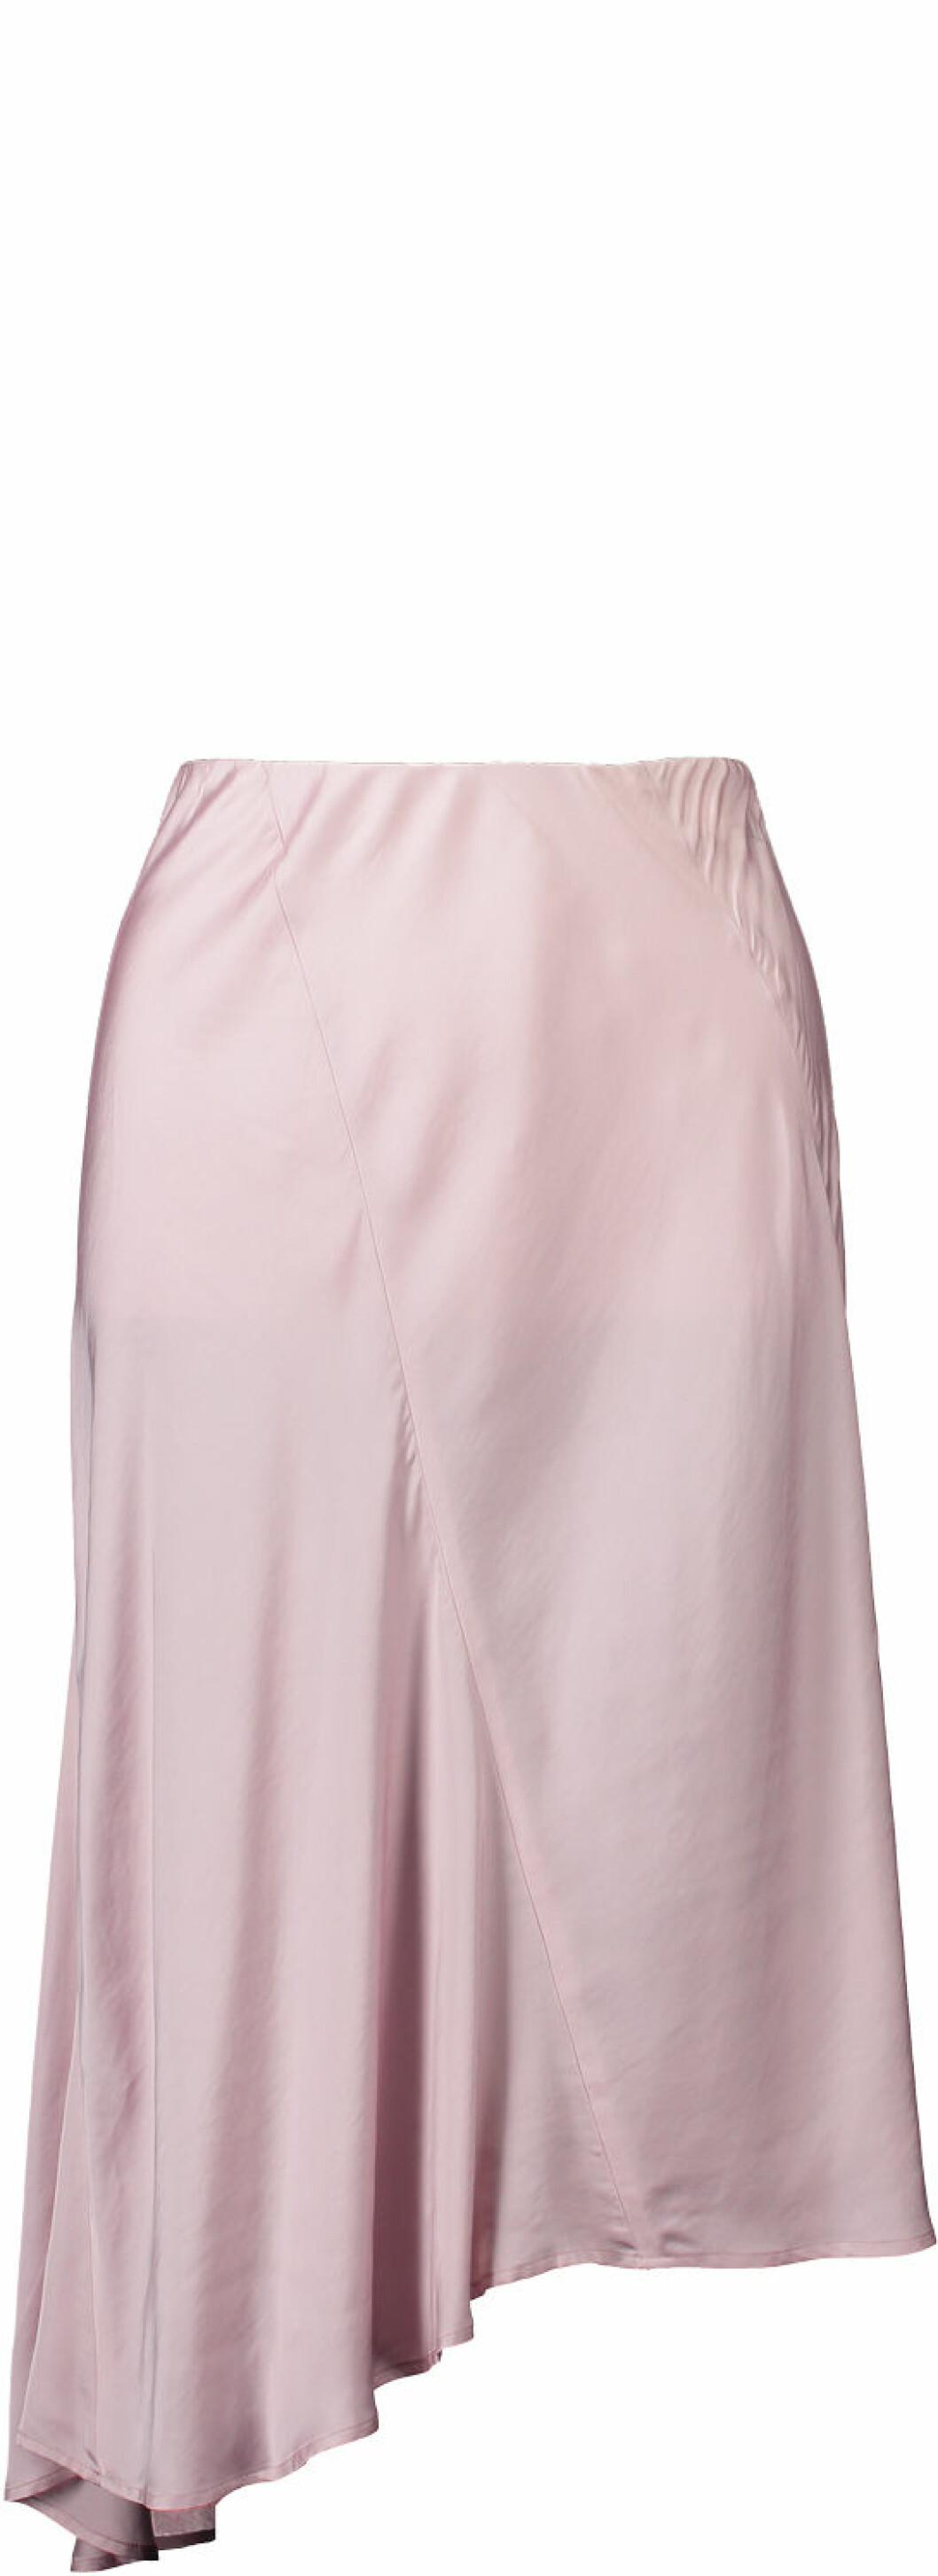 Rosa kjol i sidentyg